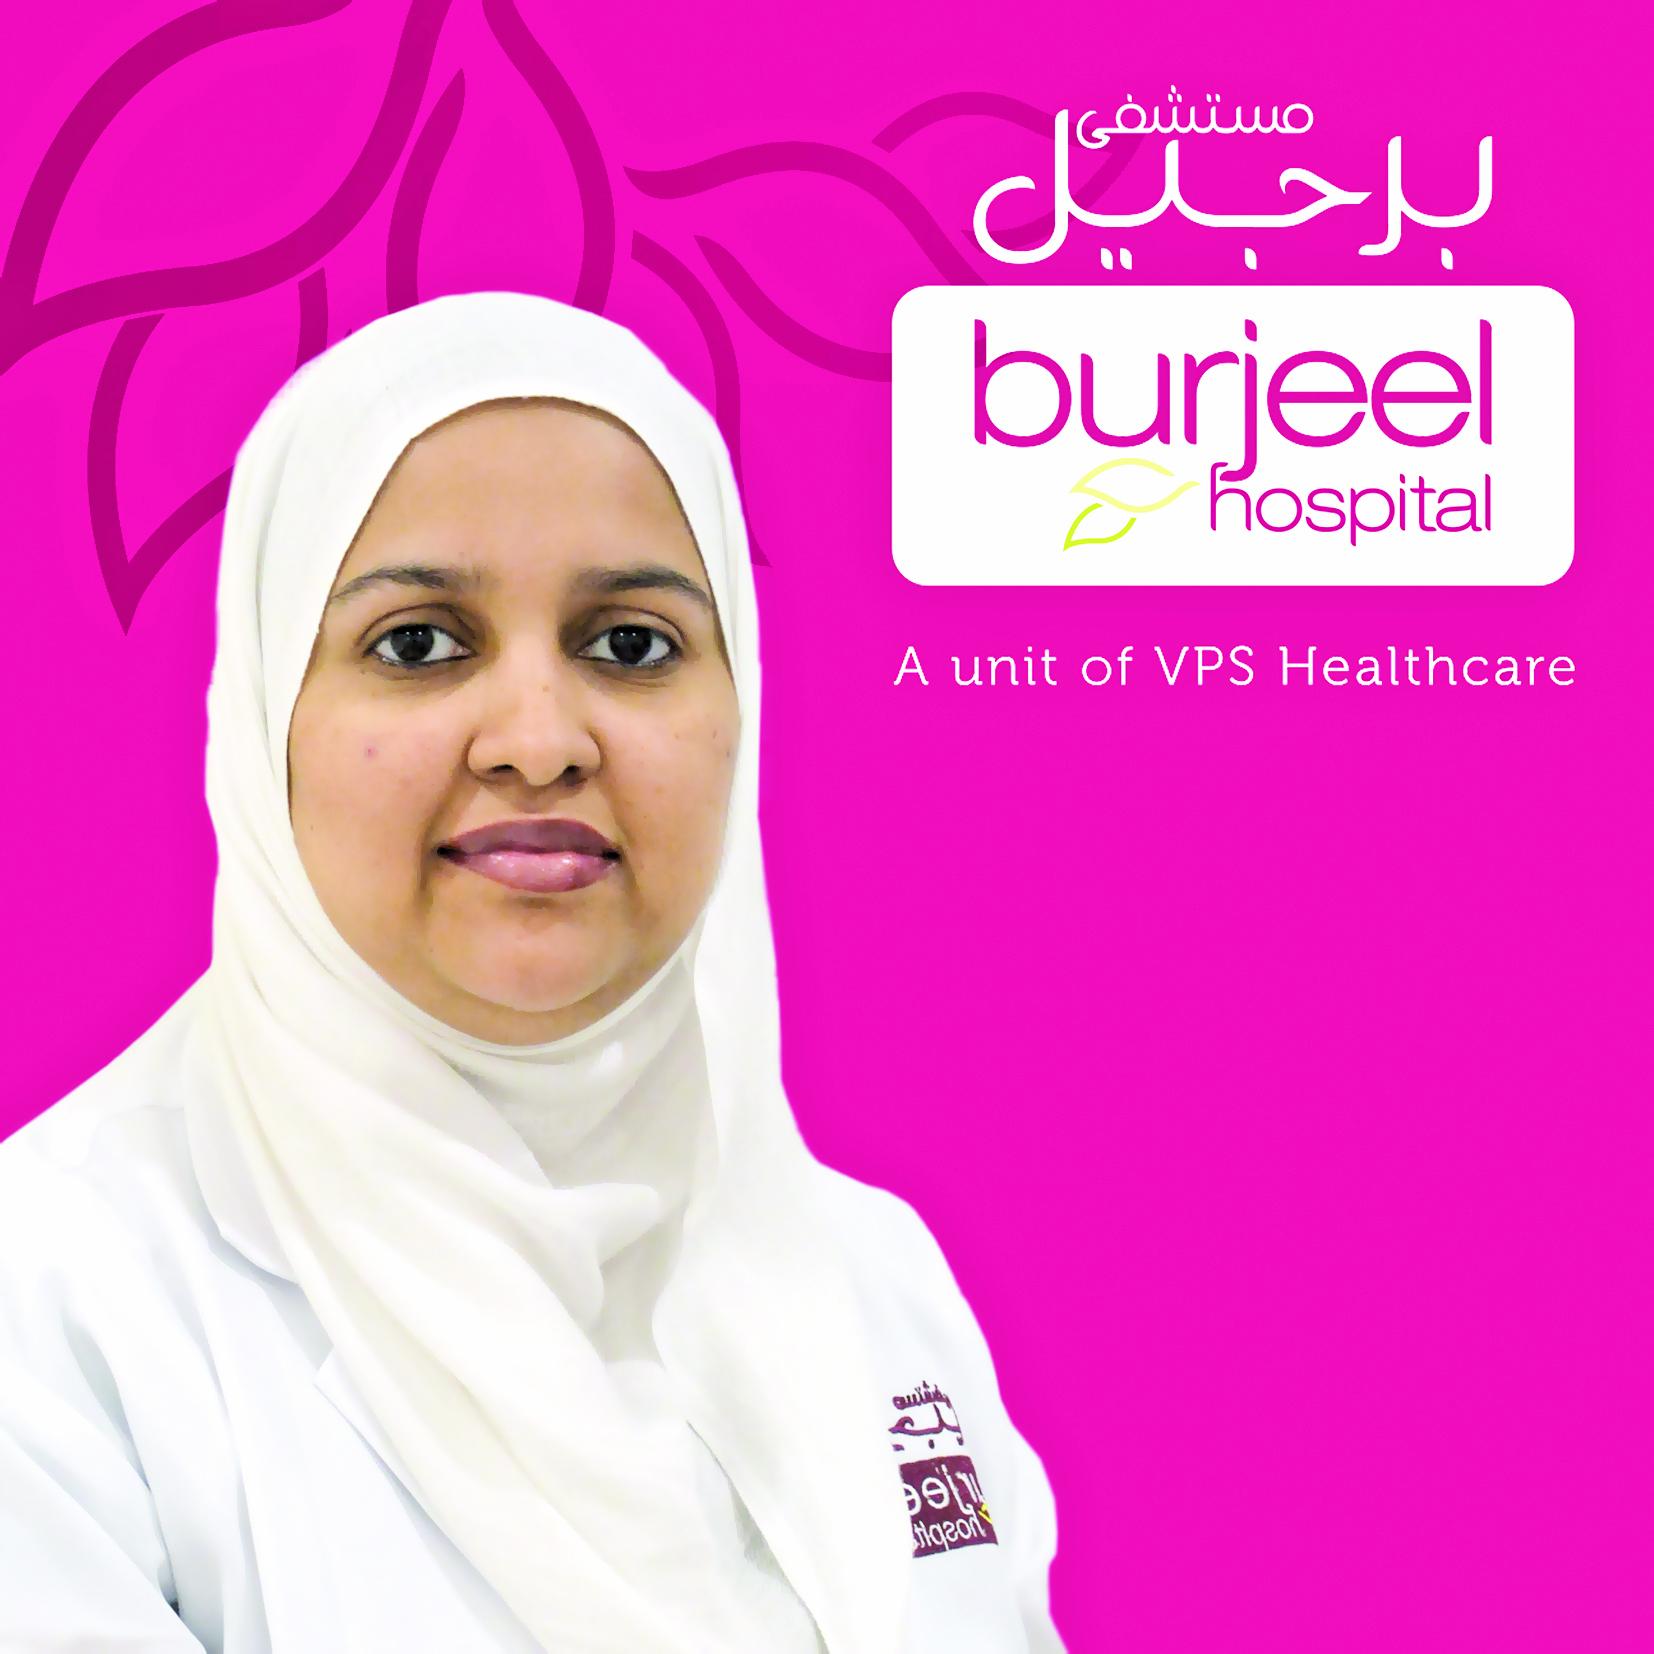 """"""" برجيل """" يقدم حلولا متكاملة لعلاج البشرة و تعزيز الجمال"""